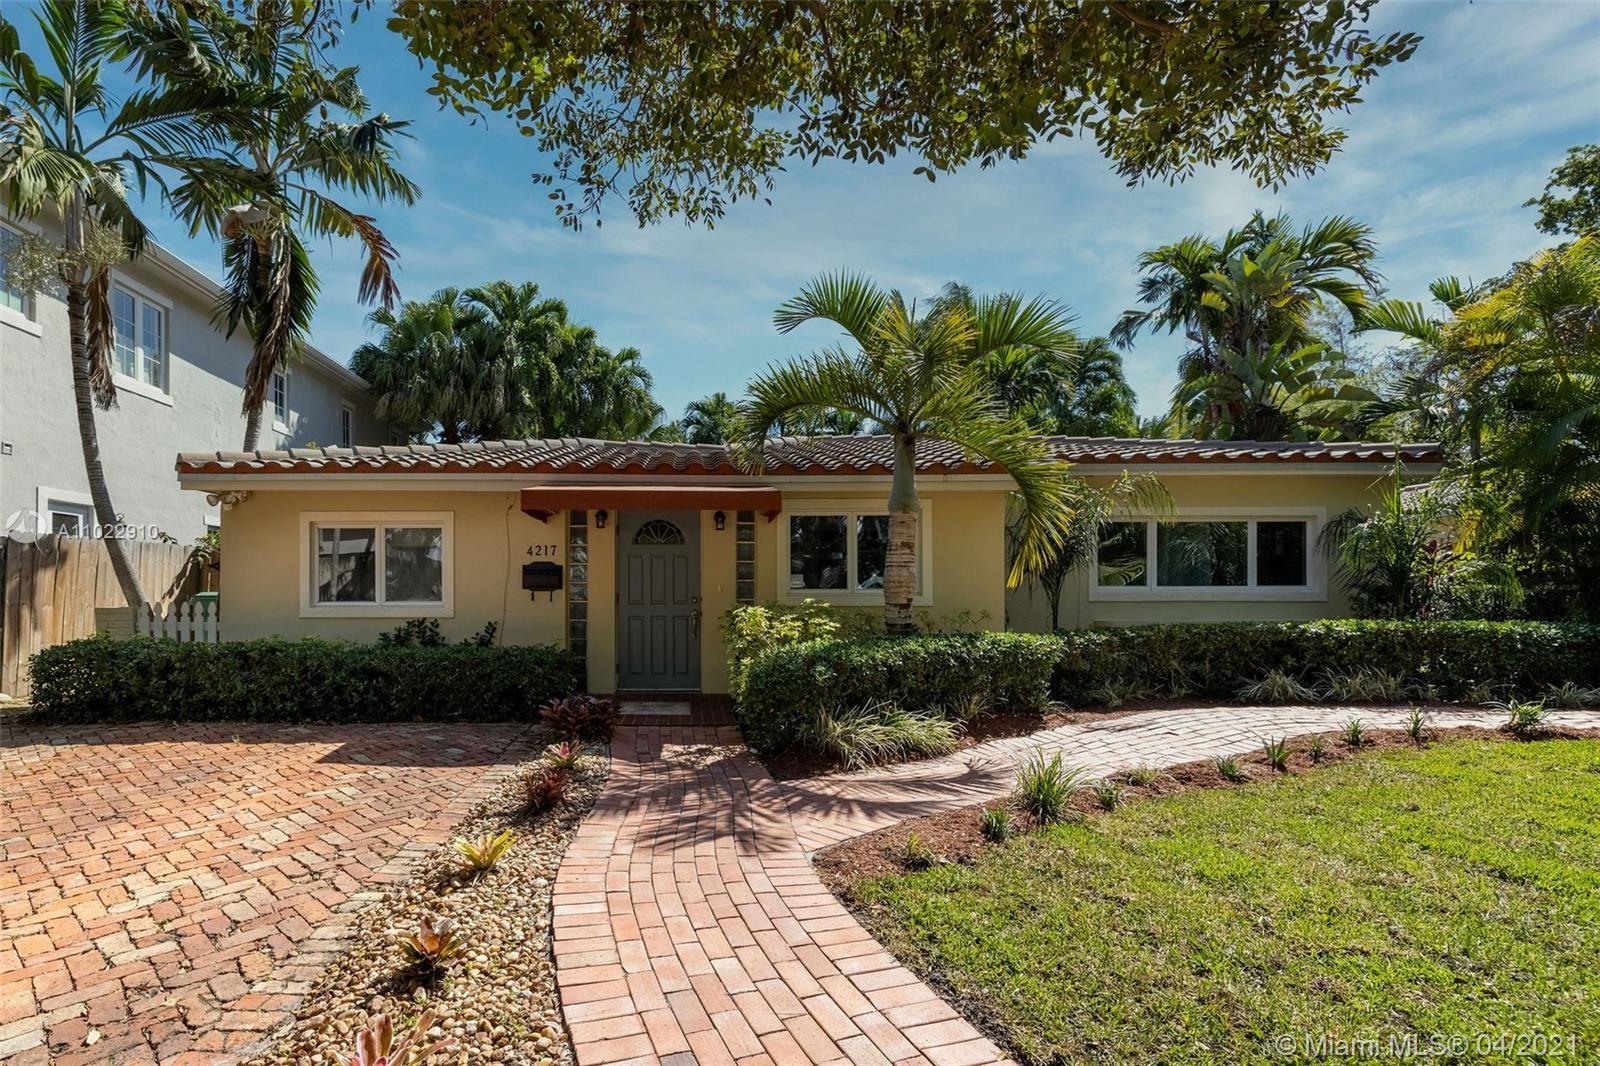 4217 Anne Ct, Miami, FL 33133 - #: A11022910